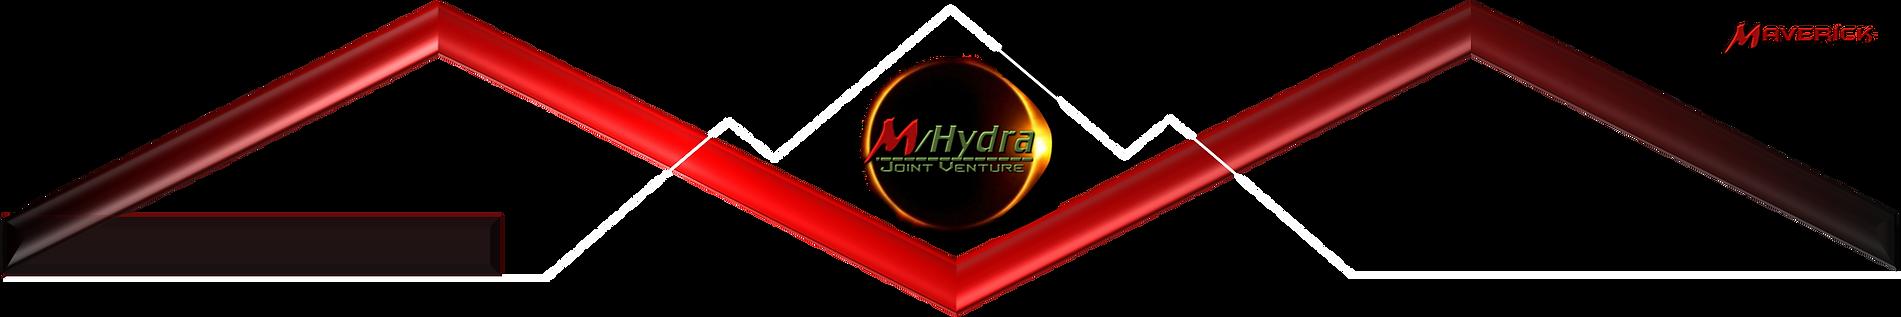 MHydra_Logo_B.png